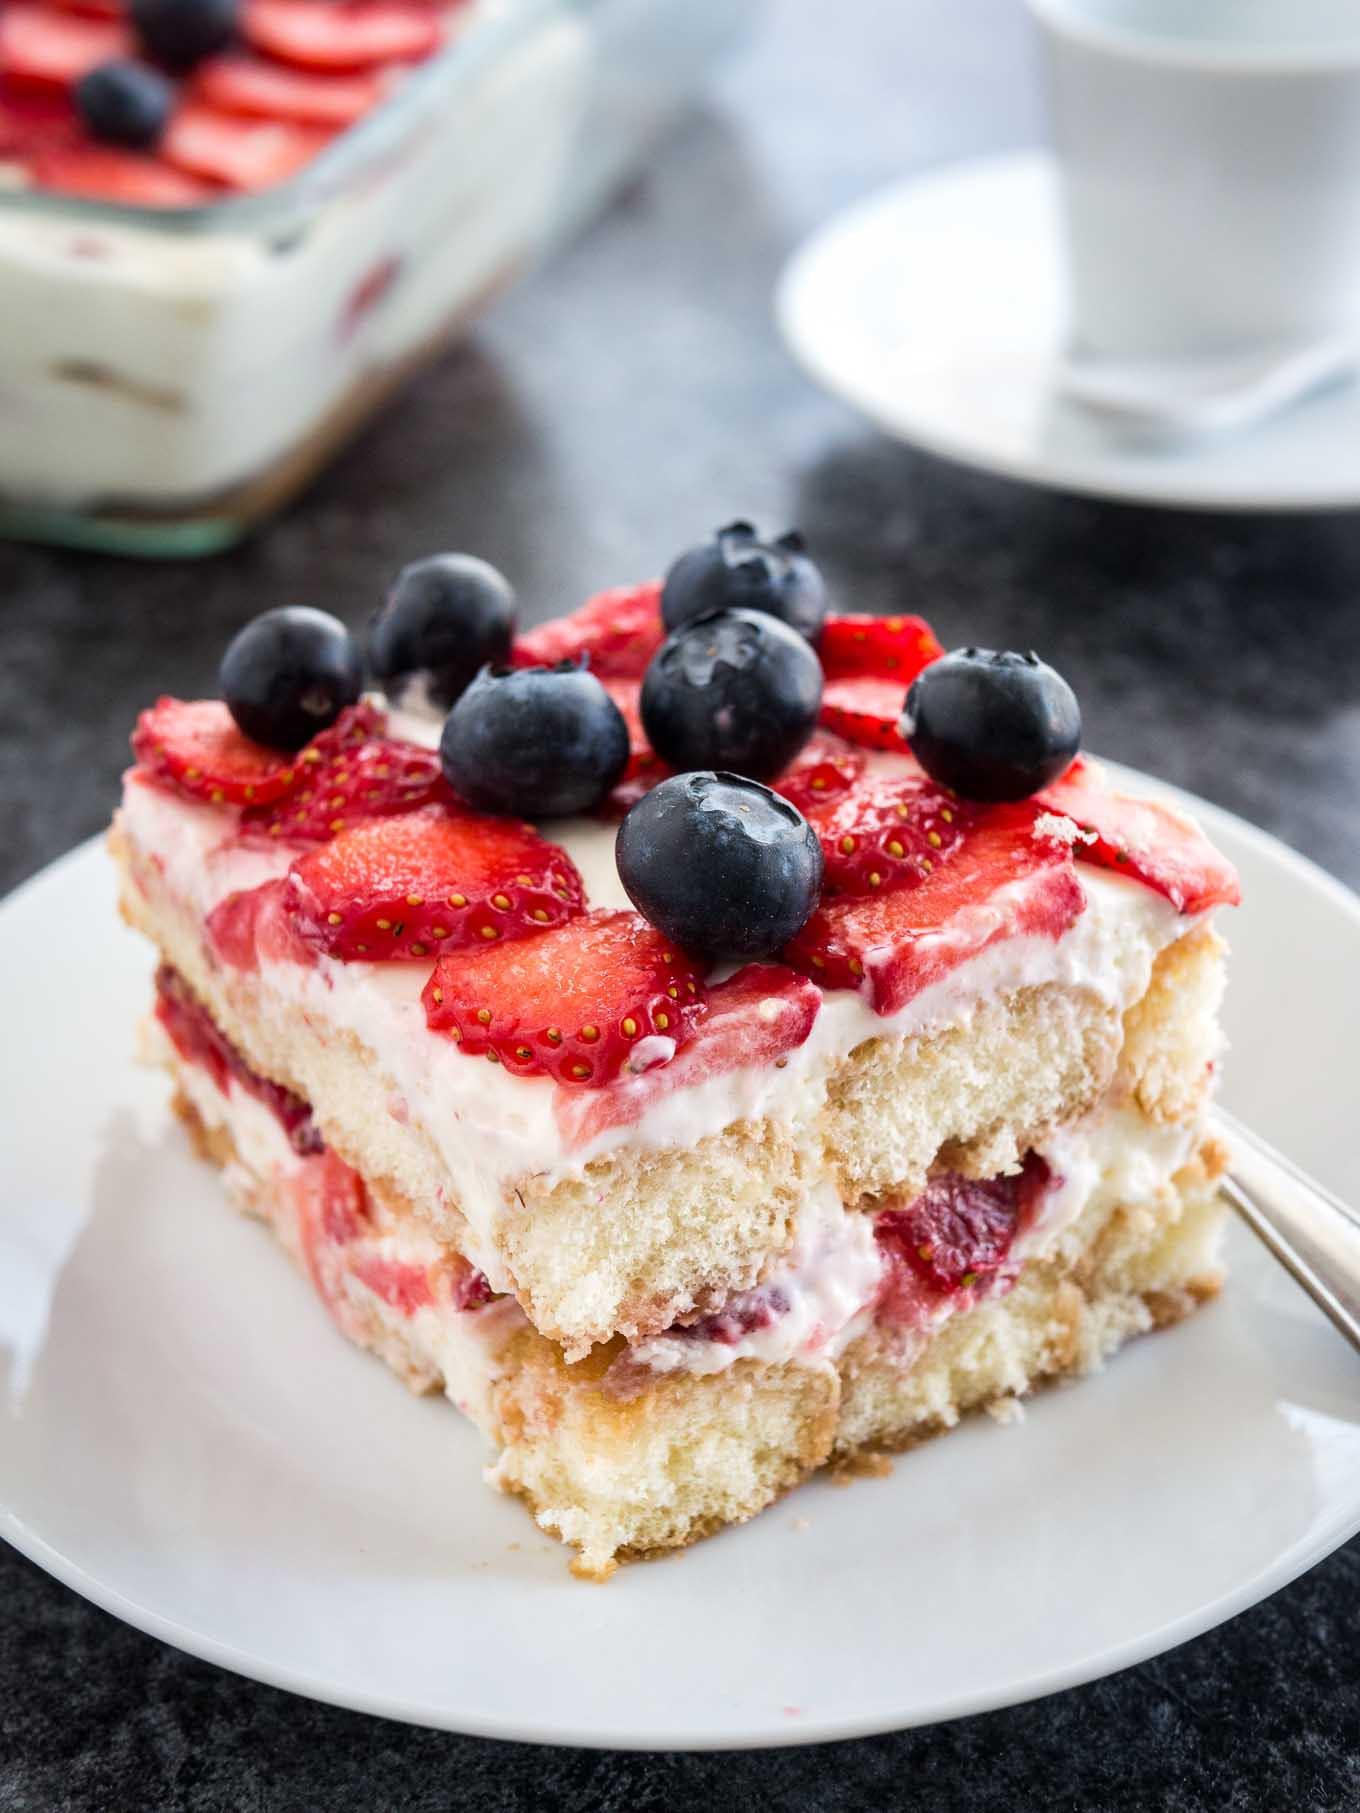 Summer Strawberry Desserts  Strawberry Tiramisu No raw eggs no alcohol no coffee